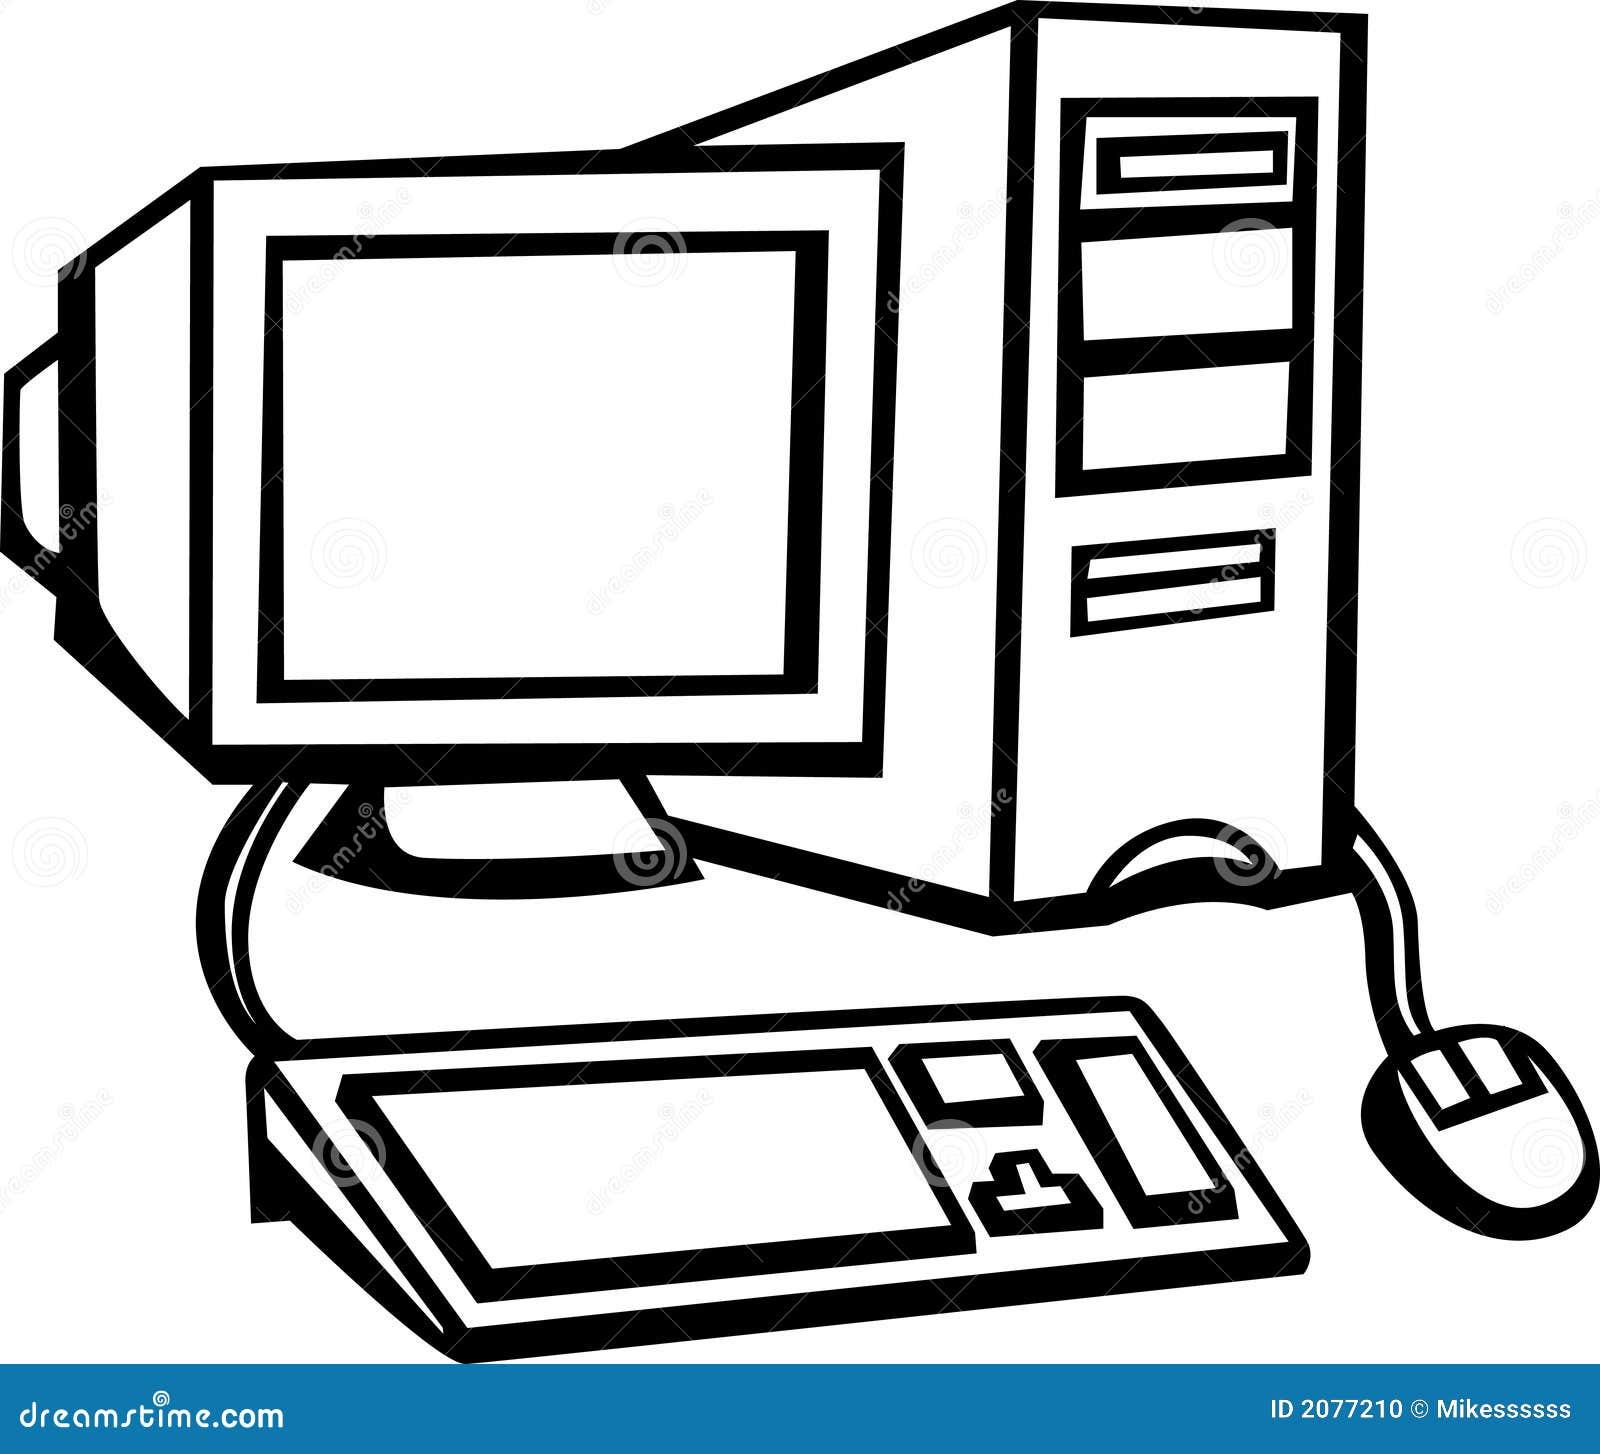 Arbeitsplatz computer clipart  Büroarbeitsplatz Clipart | afdecker.com